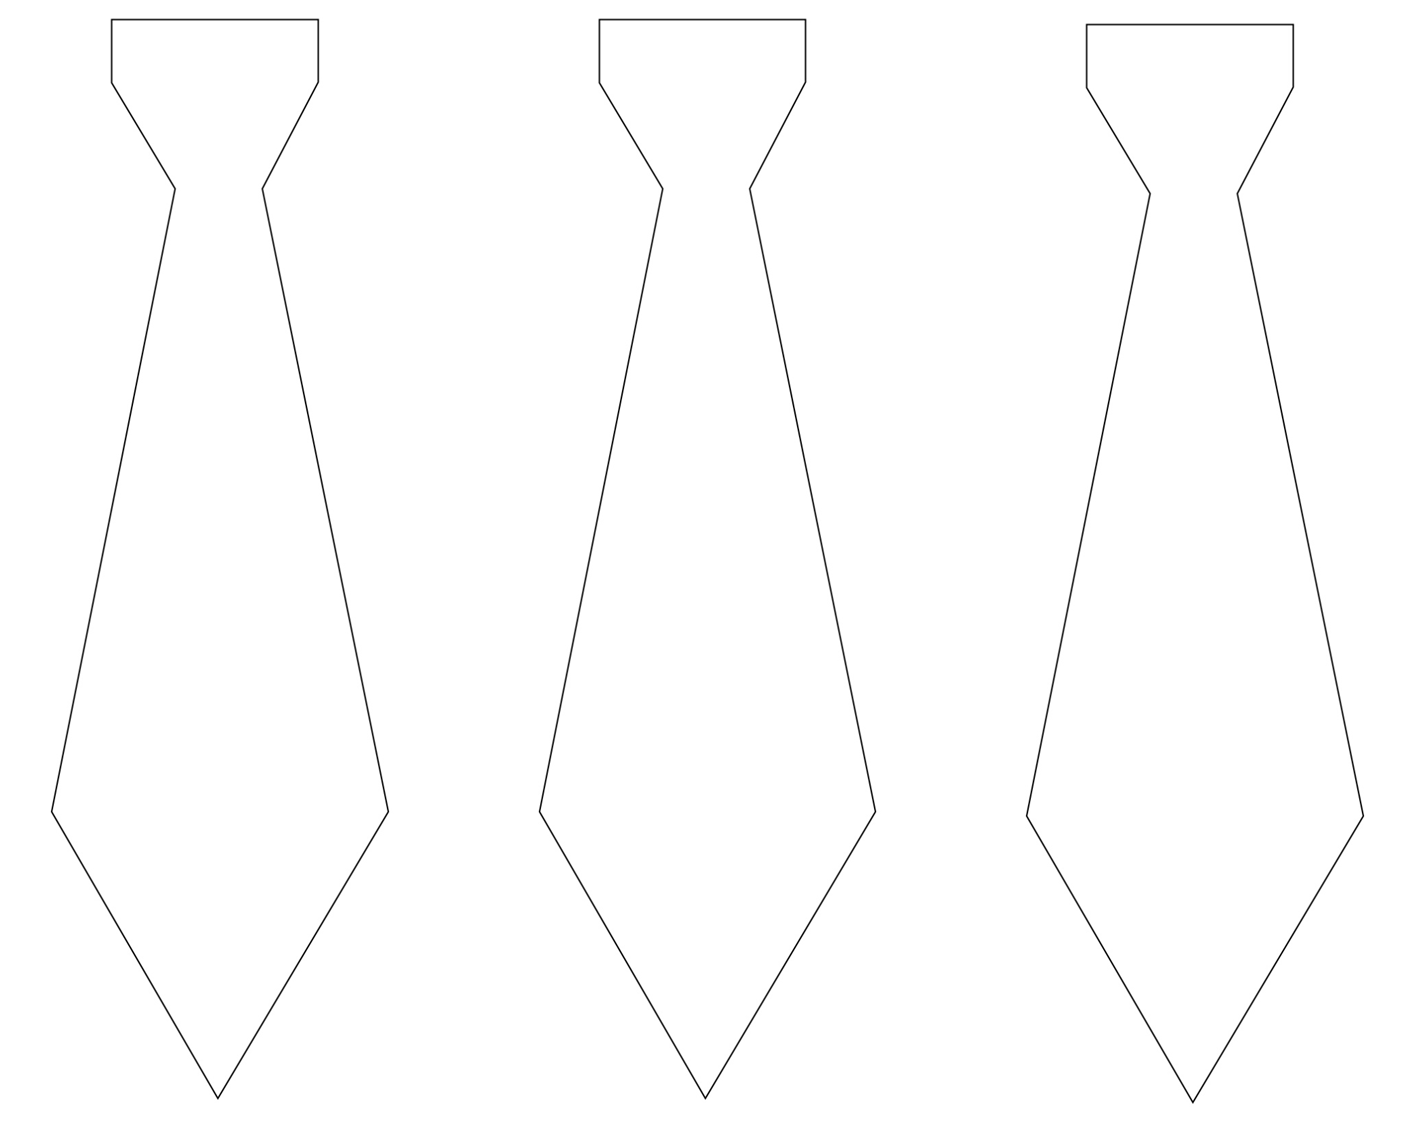 Открытка к 23 февраля своими руками рубашка с галстуком шаблон, хорошая открытка